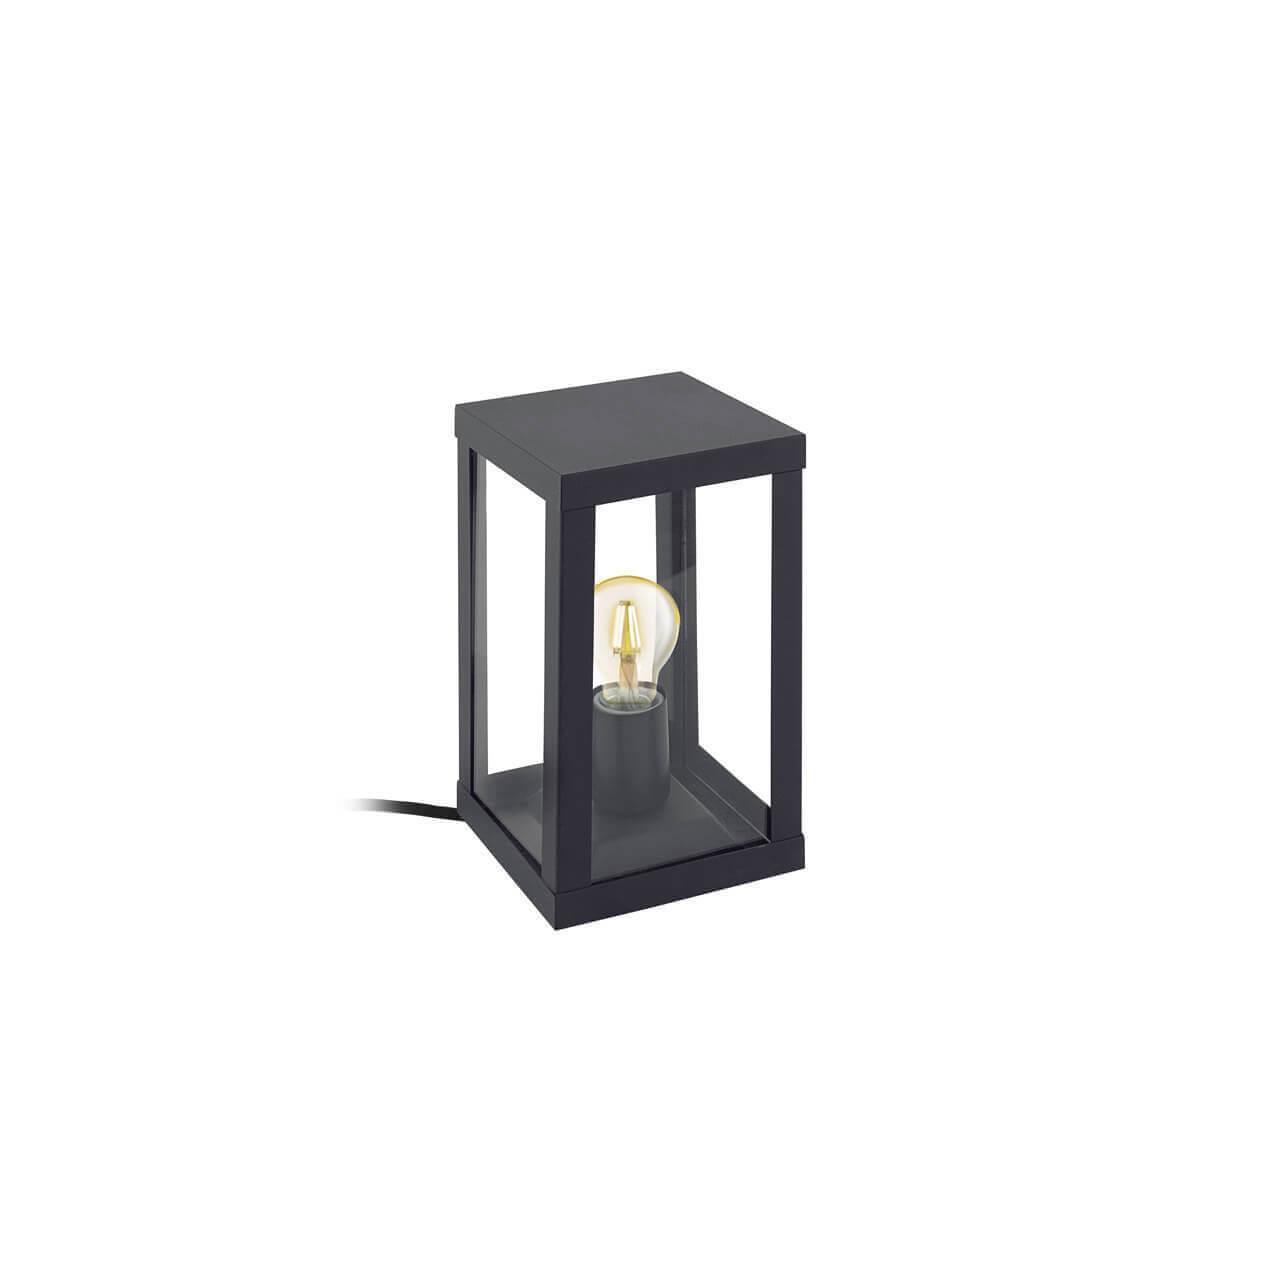 купить Уличный светильник Eglo Alamonte 1 94789 по цене 5490 рублей